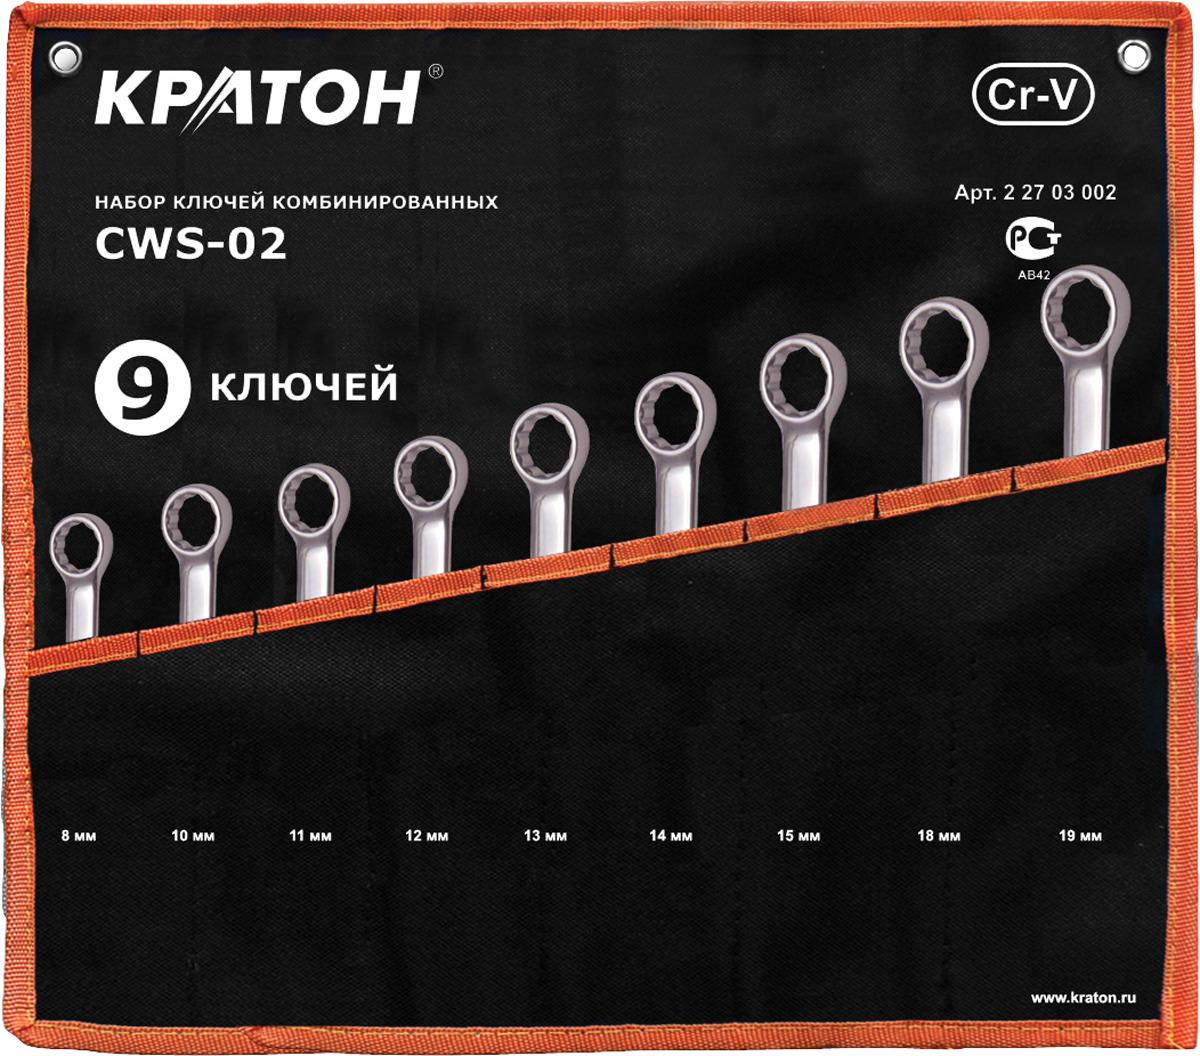 Набор ключей комбинированных Кратон CWS-02, 9 предметов сумка bodenschatz 8 920 cr 01 8 920 cr 01